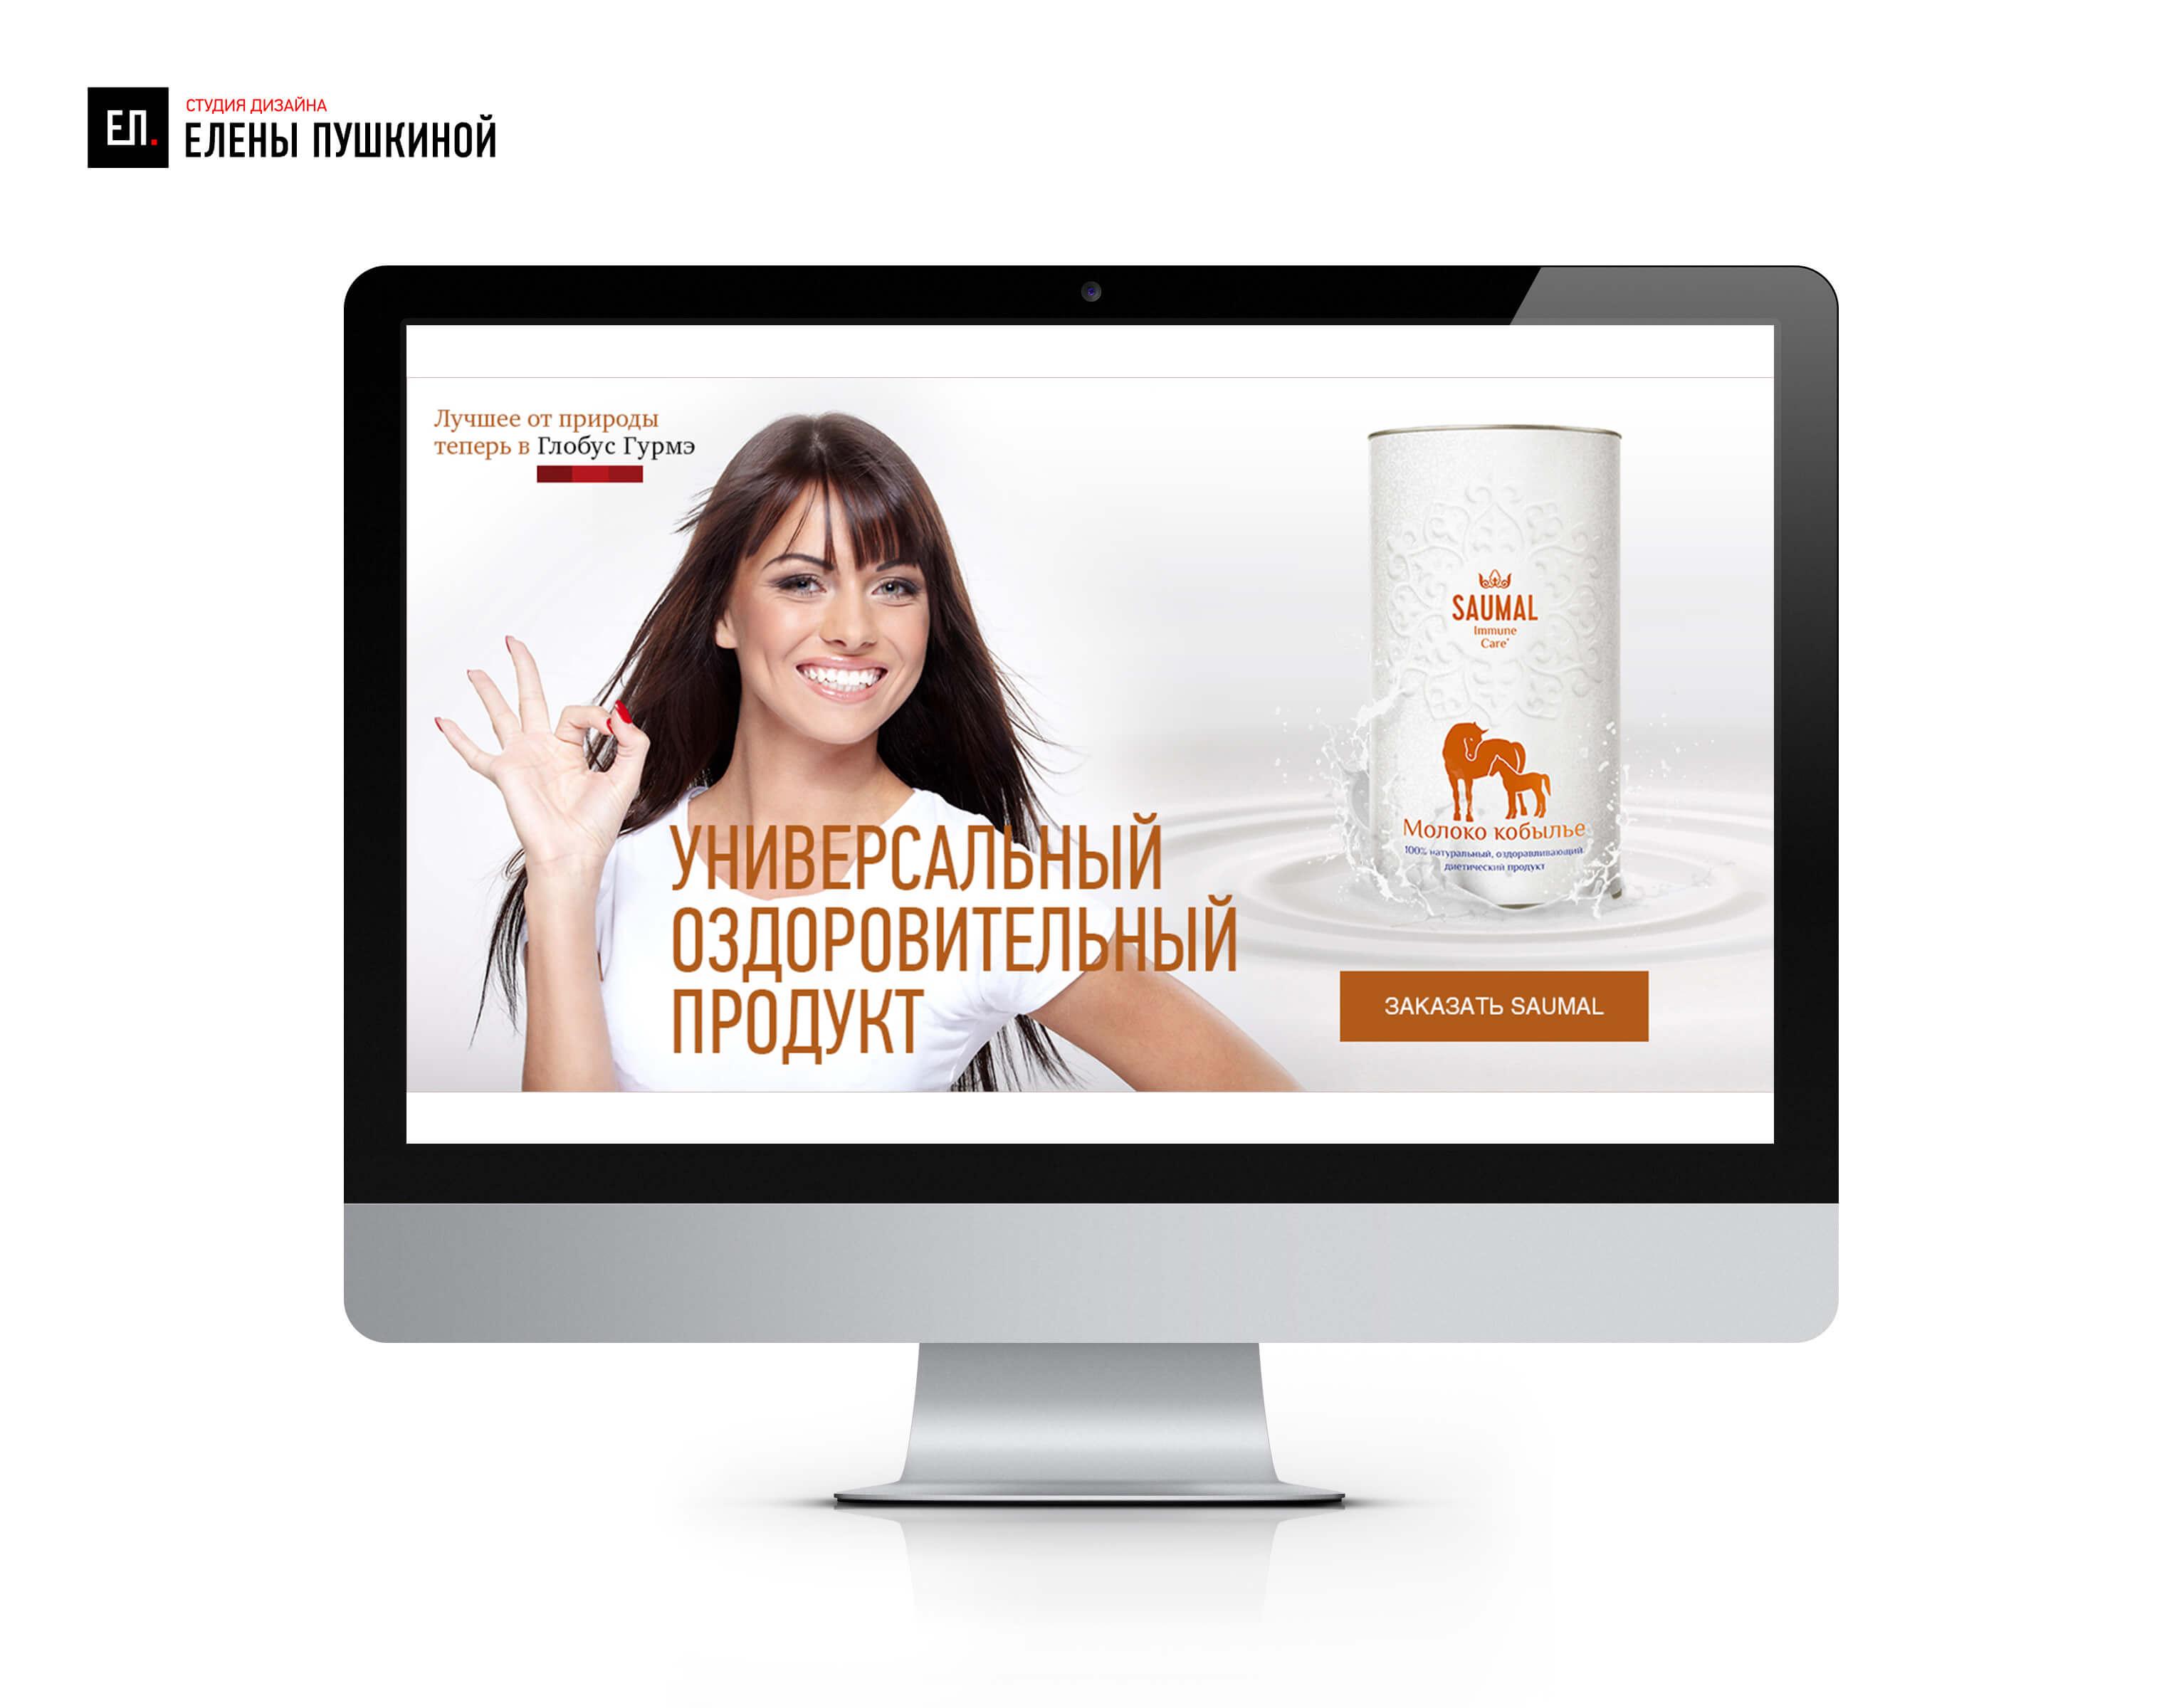 Веб-баннер №2 дляРК производителя кобыльего молока «SAUMAL»— разработка дизайна баннера Баннеры для сайта Портфолио